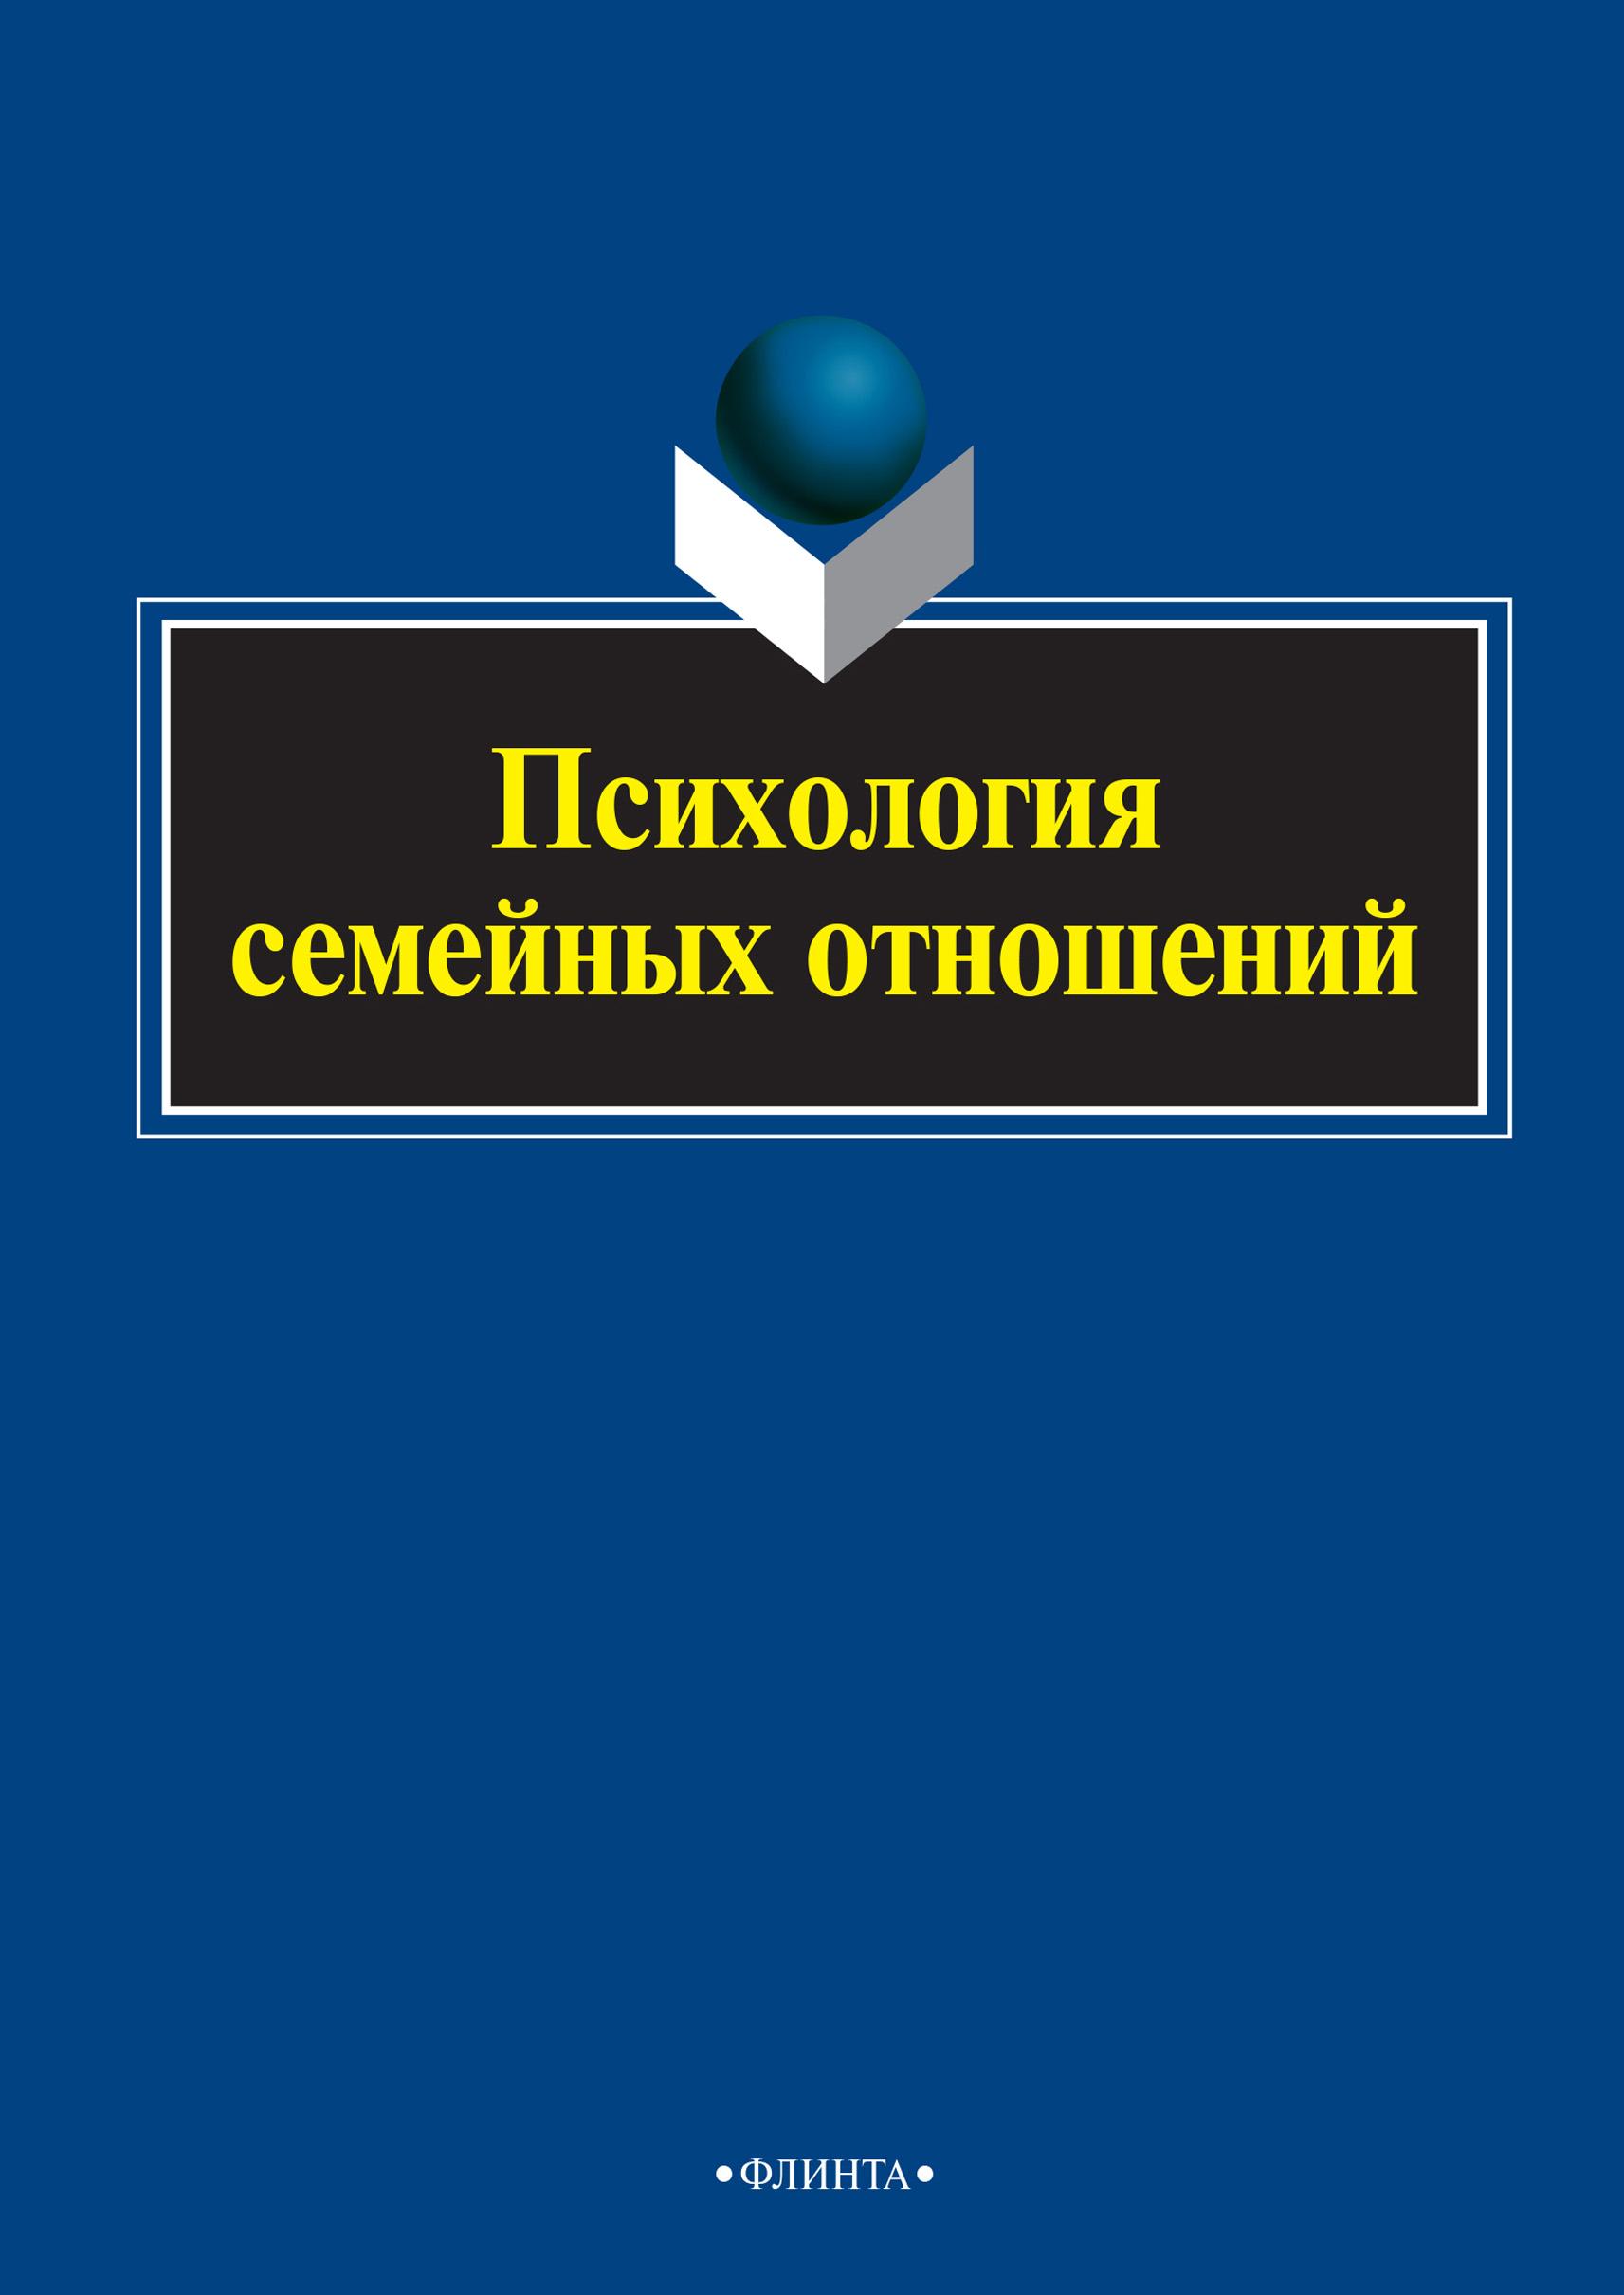 Коллектив авторов Психология семейных отношений крем бархатные ручки увлажняющий 80 мл 20 шт 1100471